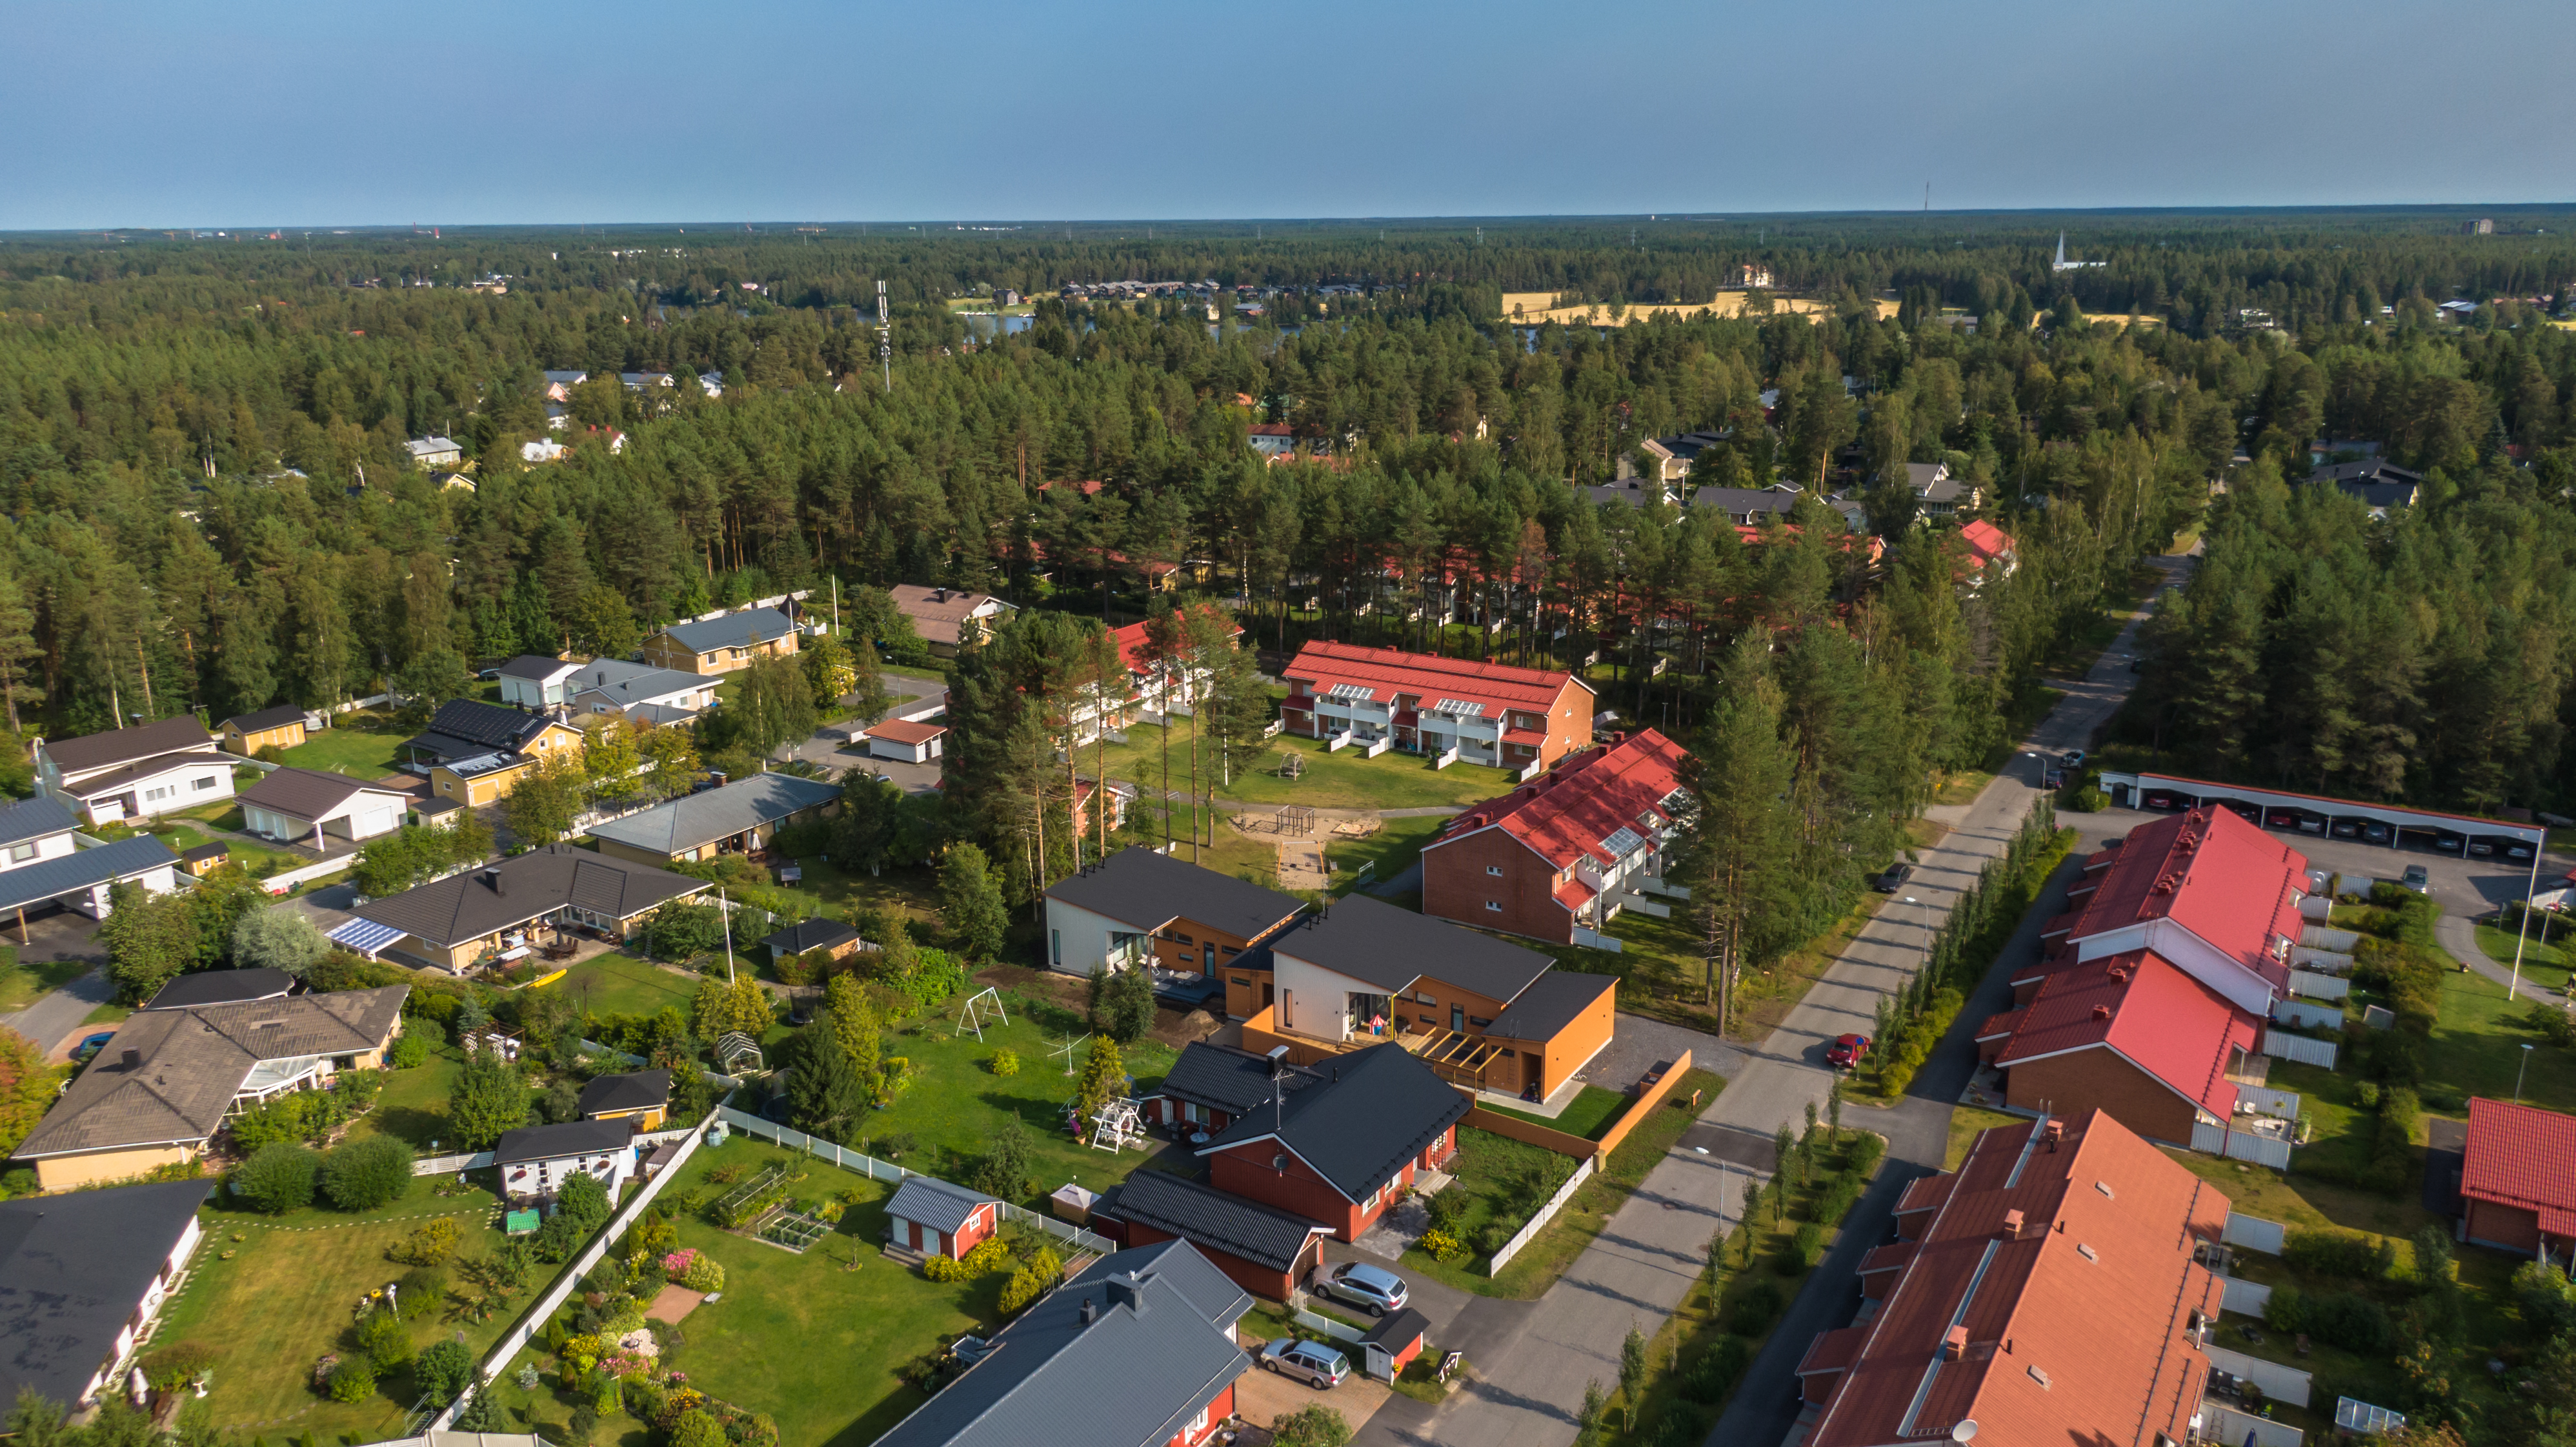 Oulunsuun alueelta Oulusta ilmasta otettu kuva, jossa kaupunkilähiötä ja musta- ja punakattoisia taloja.